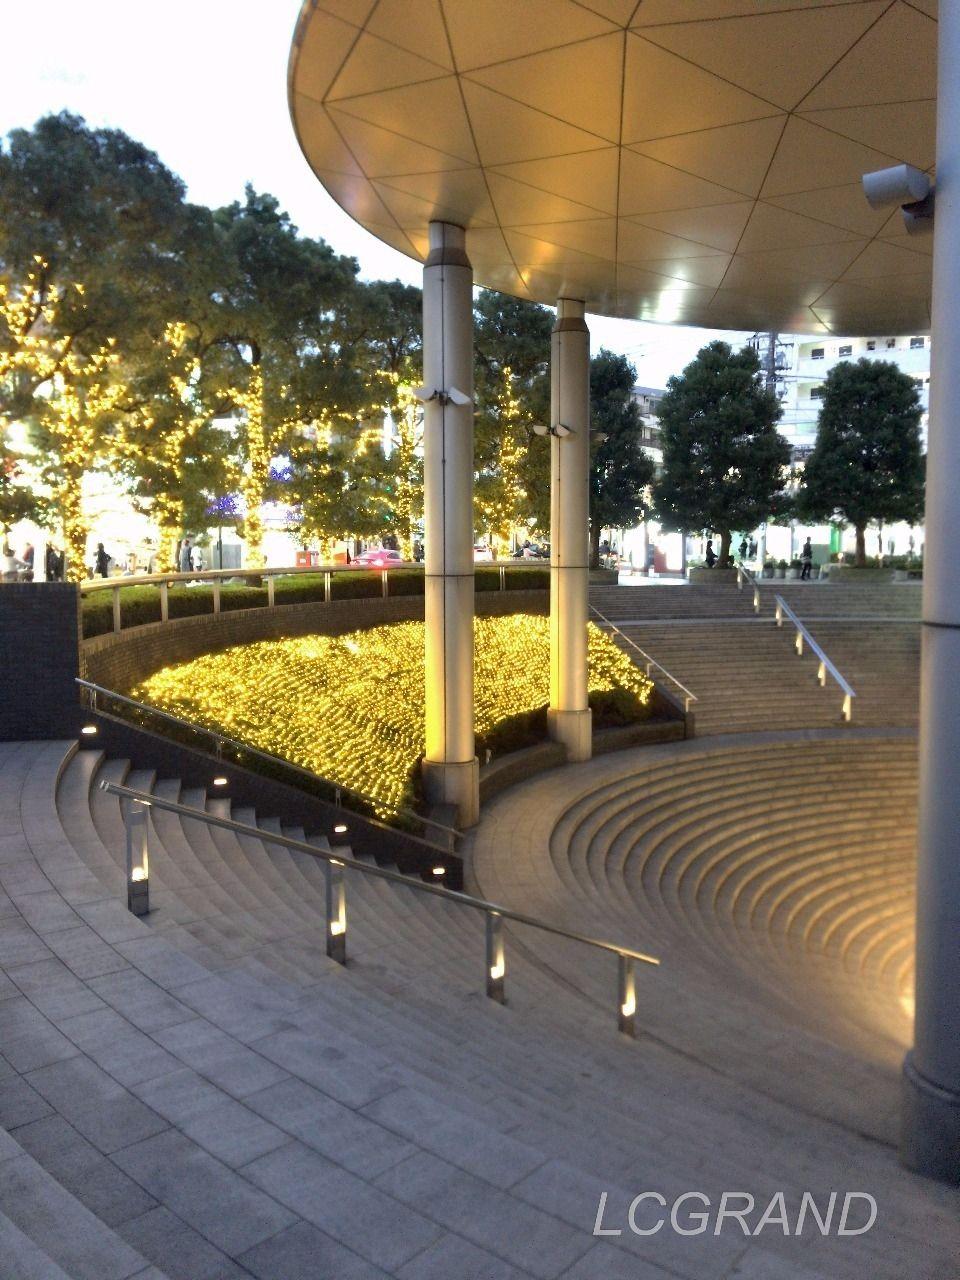 劇場のような円形の階段には高くそびえる屋根があります。その形はまるでUFOみたいです。